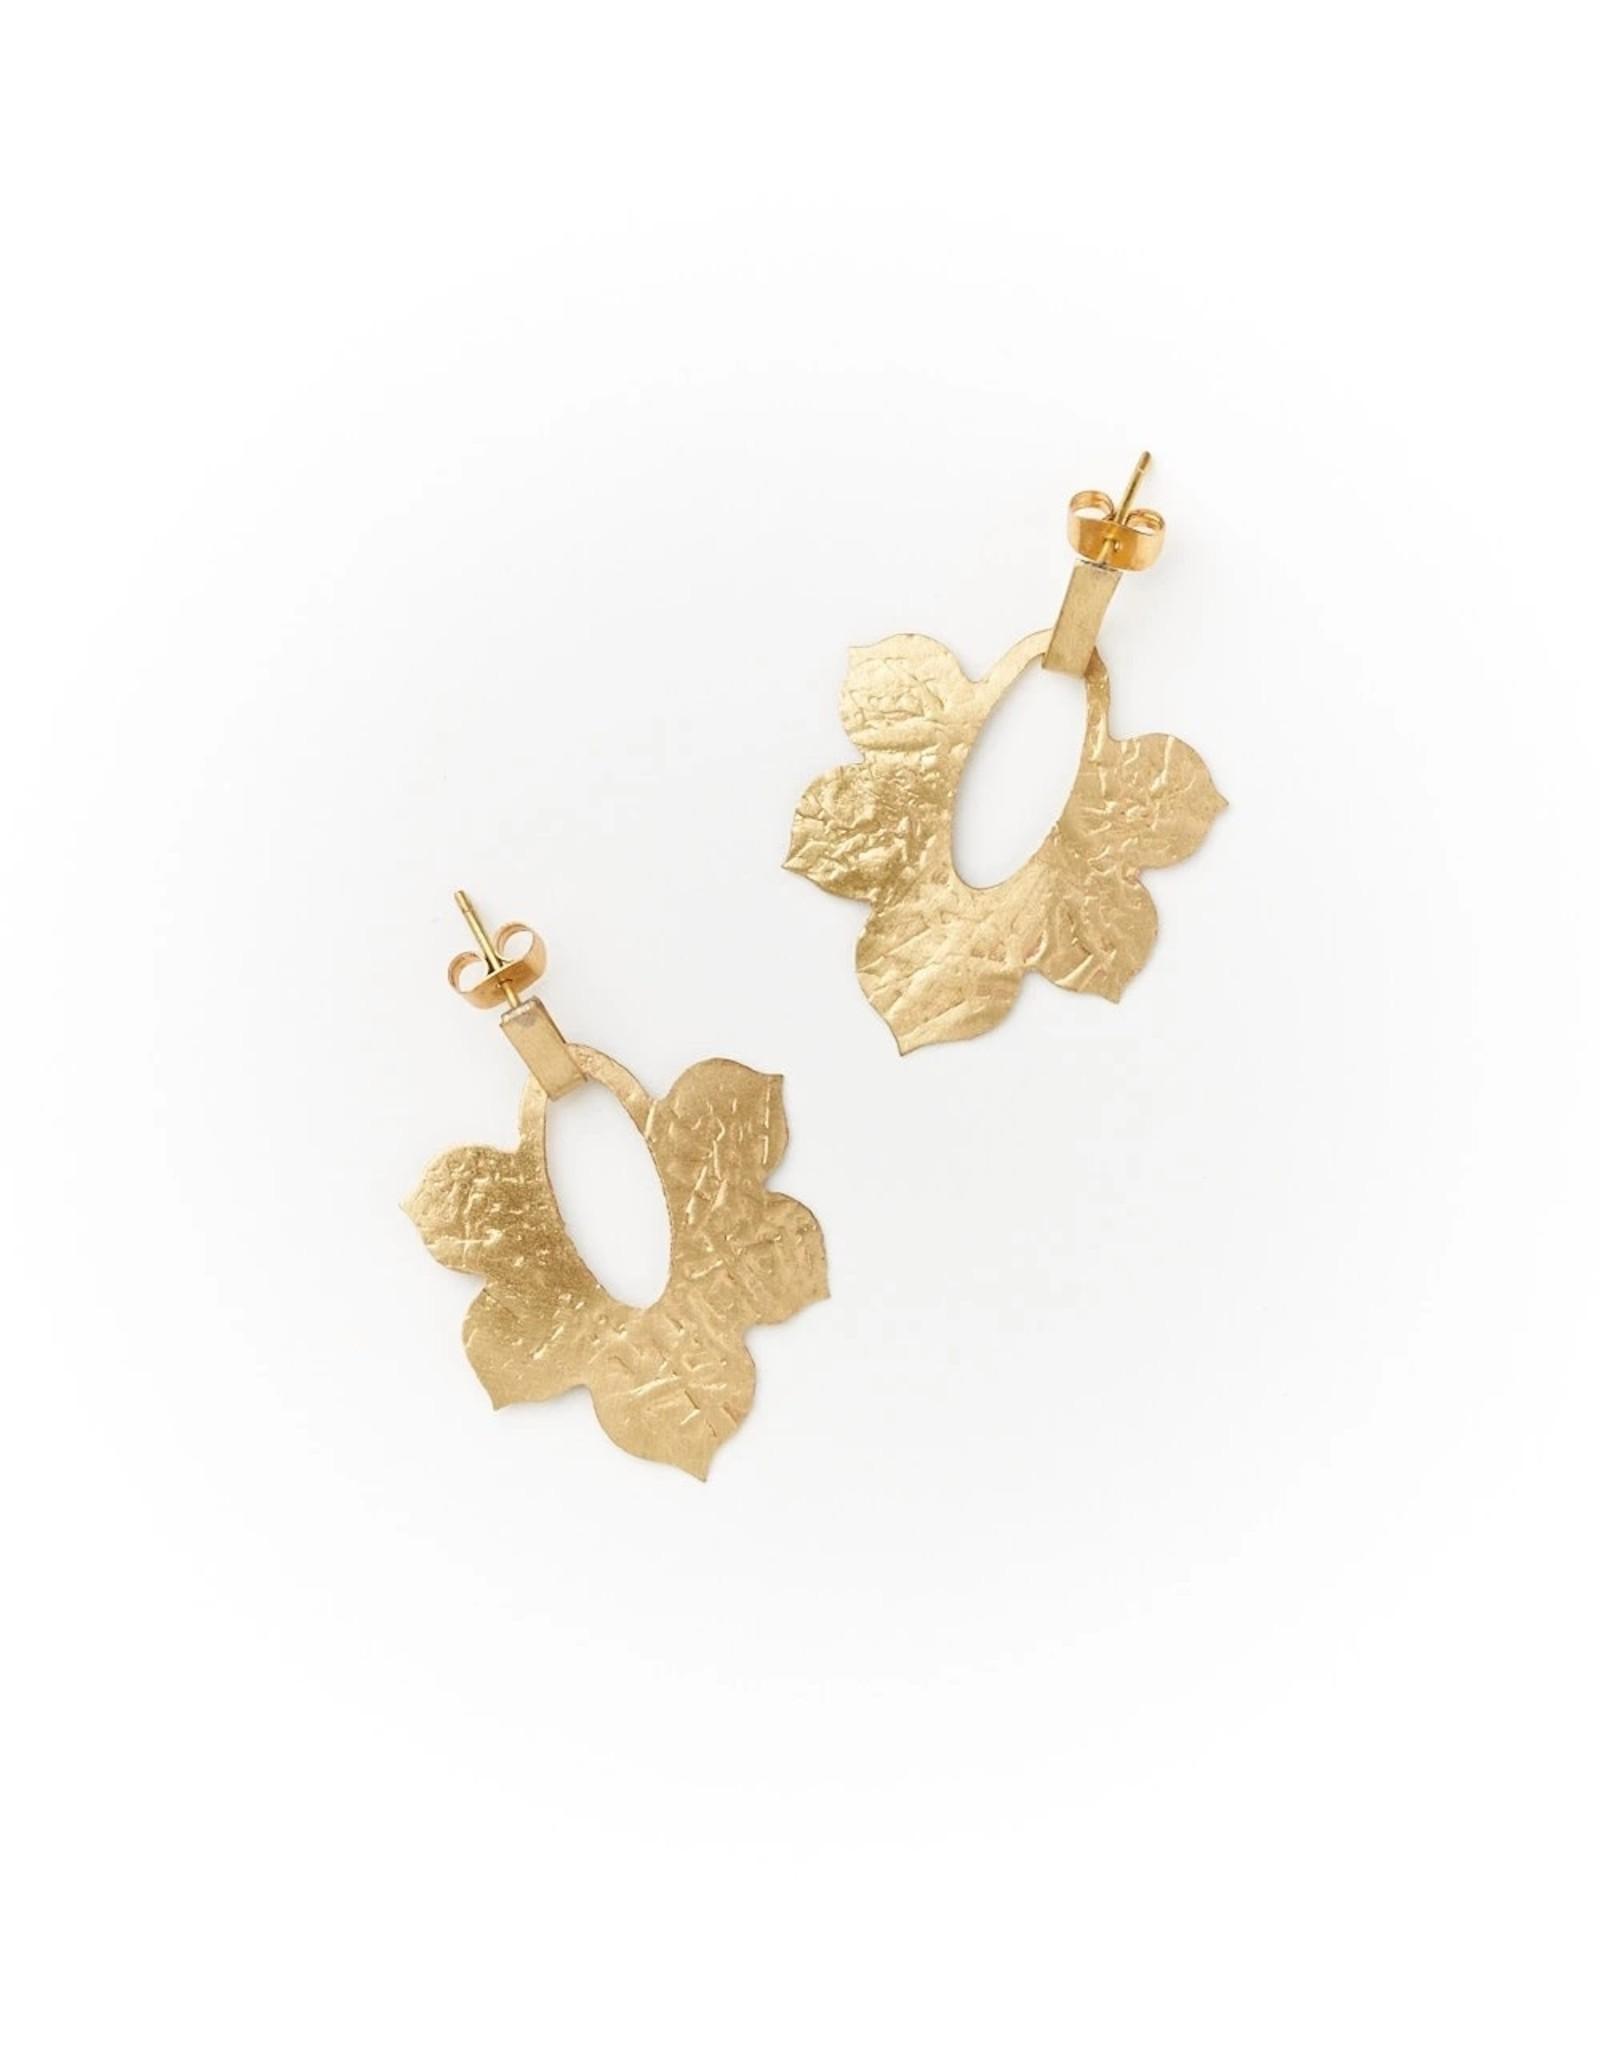 Matr Boomie Kalyani earrings- stud